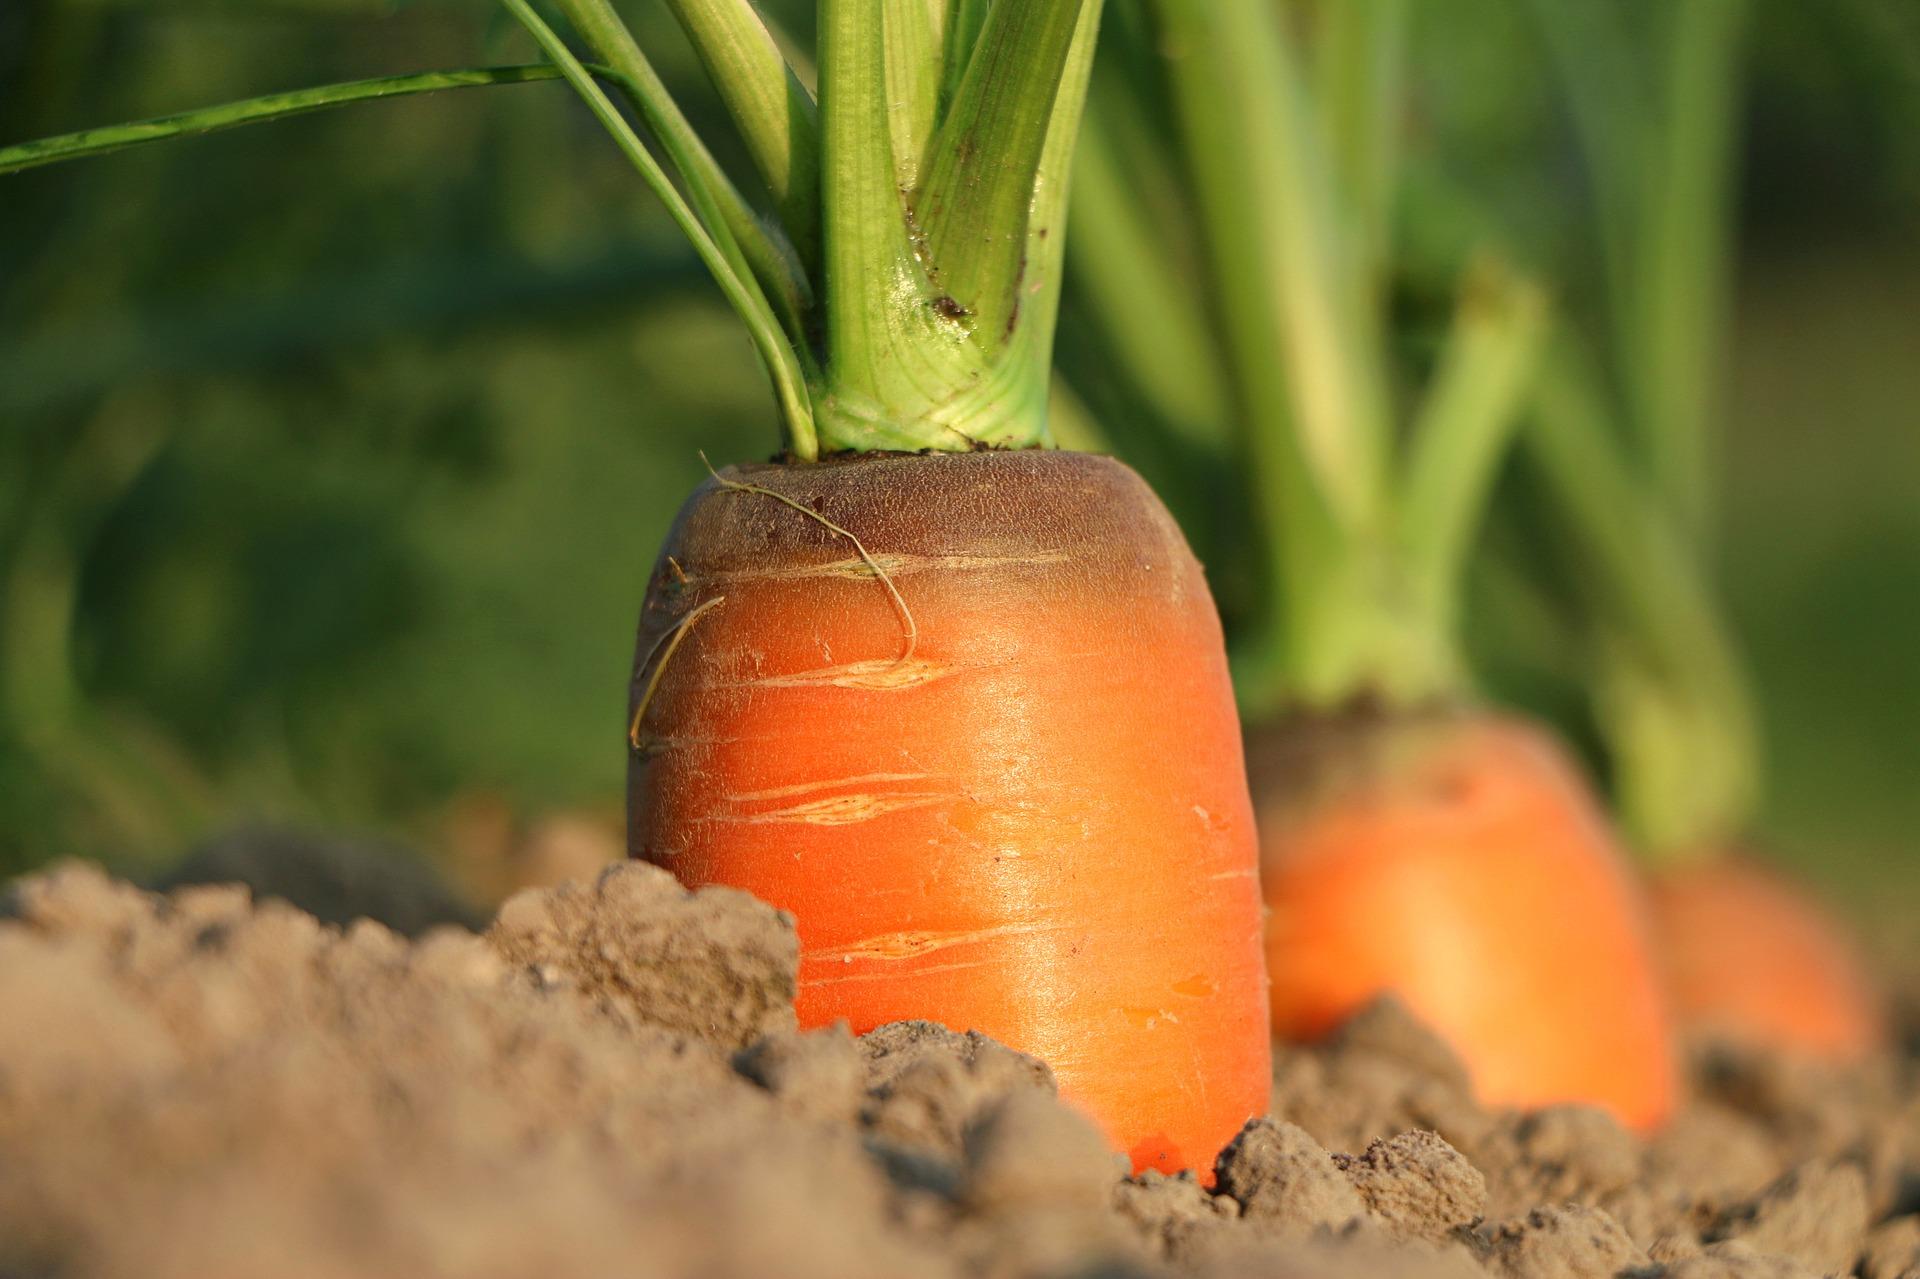 gulerod, vækst, grøntsager, landbrug